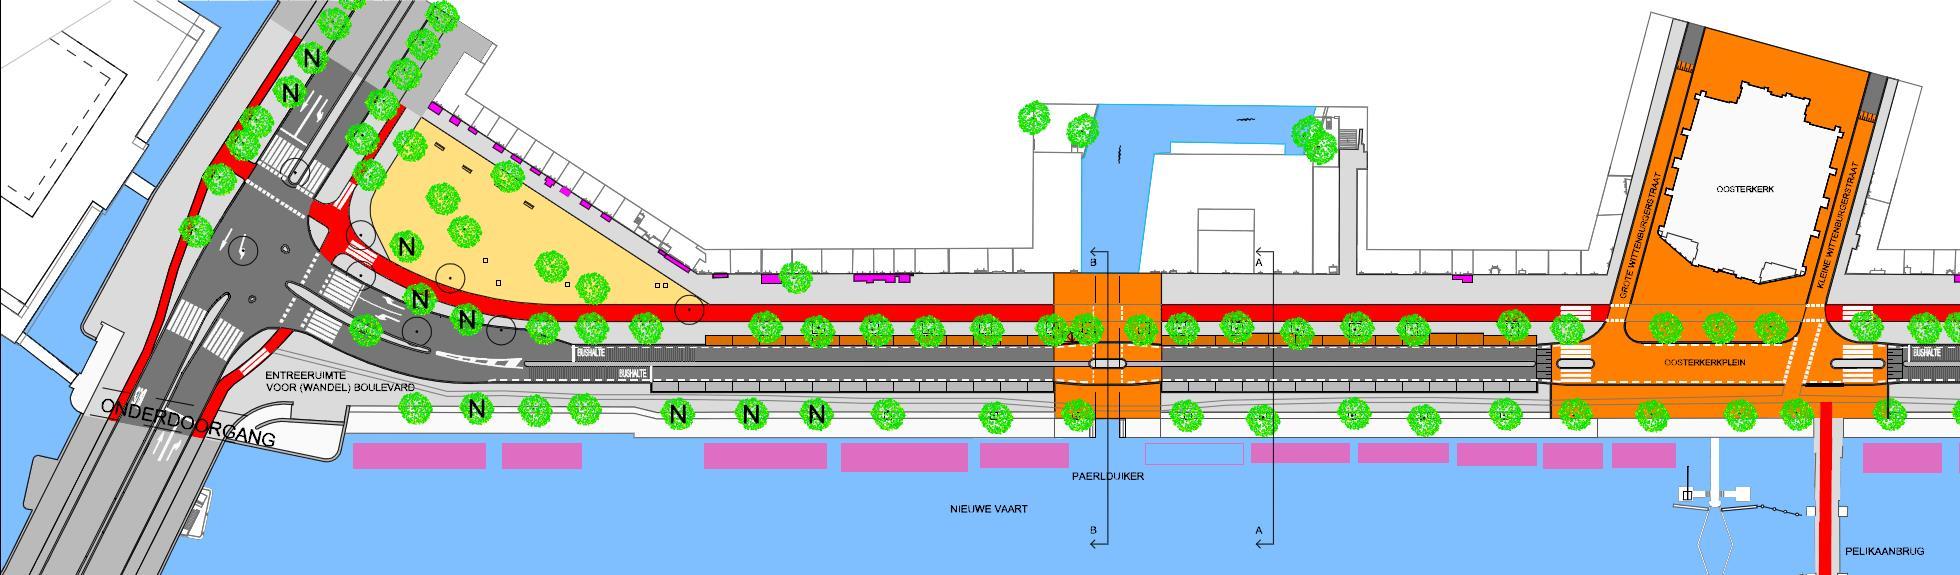 Variant 2 (stadsdeel) borduurt voort op het Masterplan: de kruising Kattenburgerplein wordt verlegd richting huizen, opheffing ventweg, tweerichting fietspad aan de huizenkant, opheffing fietspad aan de waterkant, geen stoplichten en opstelvakken meer bij de Oosterkerk, rammelstroken 1 m breed tussen de rijstroken en 0,50 m langs de parkeerplaatsen. Informeel fietspad 1 m. breed slingert over het voetpad aan de waterzijde.